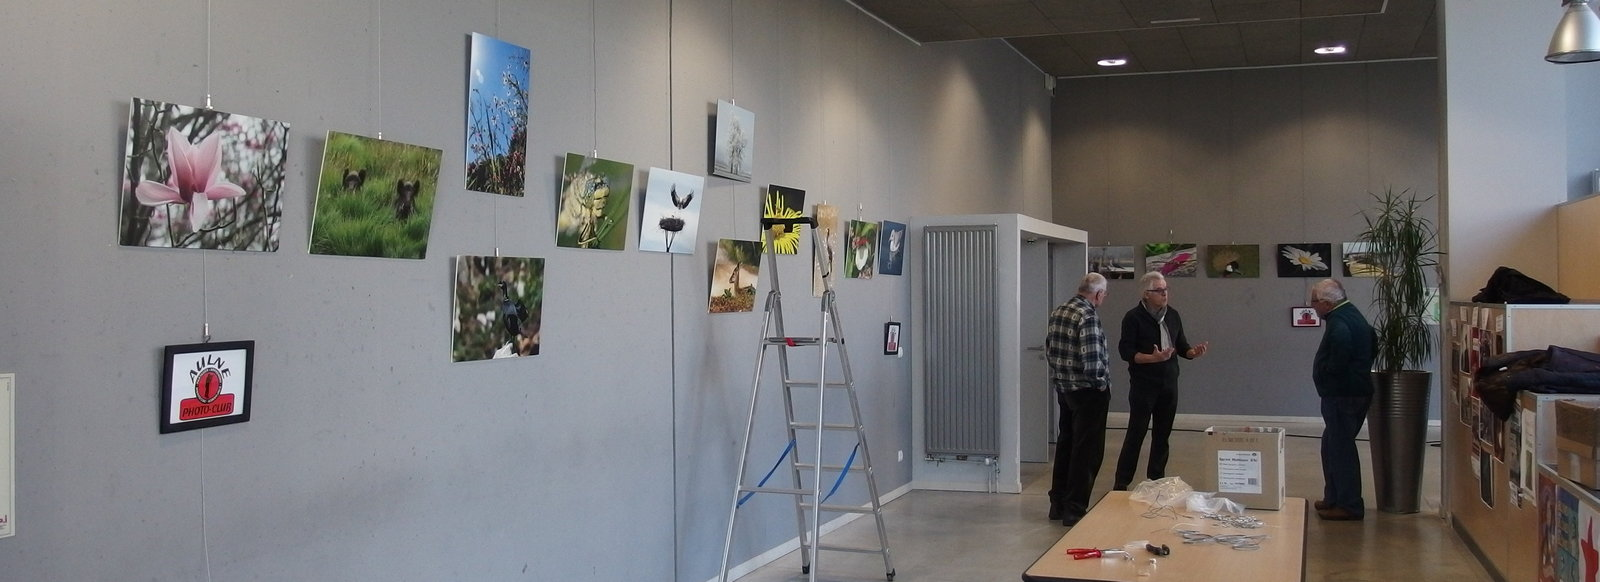 exposition faune et flore arvest pleyben 2018